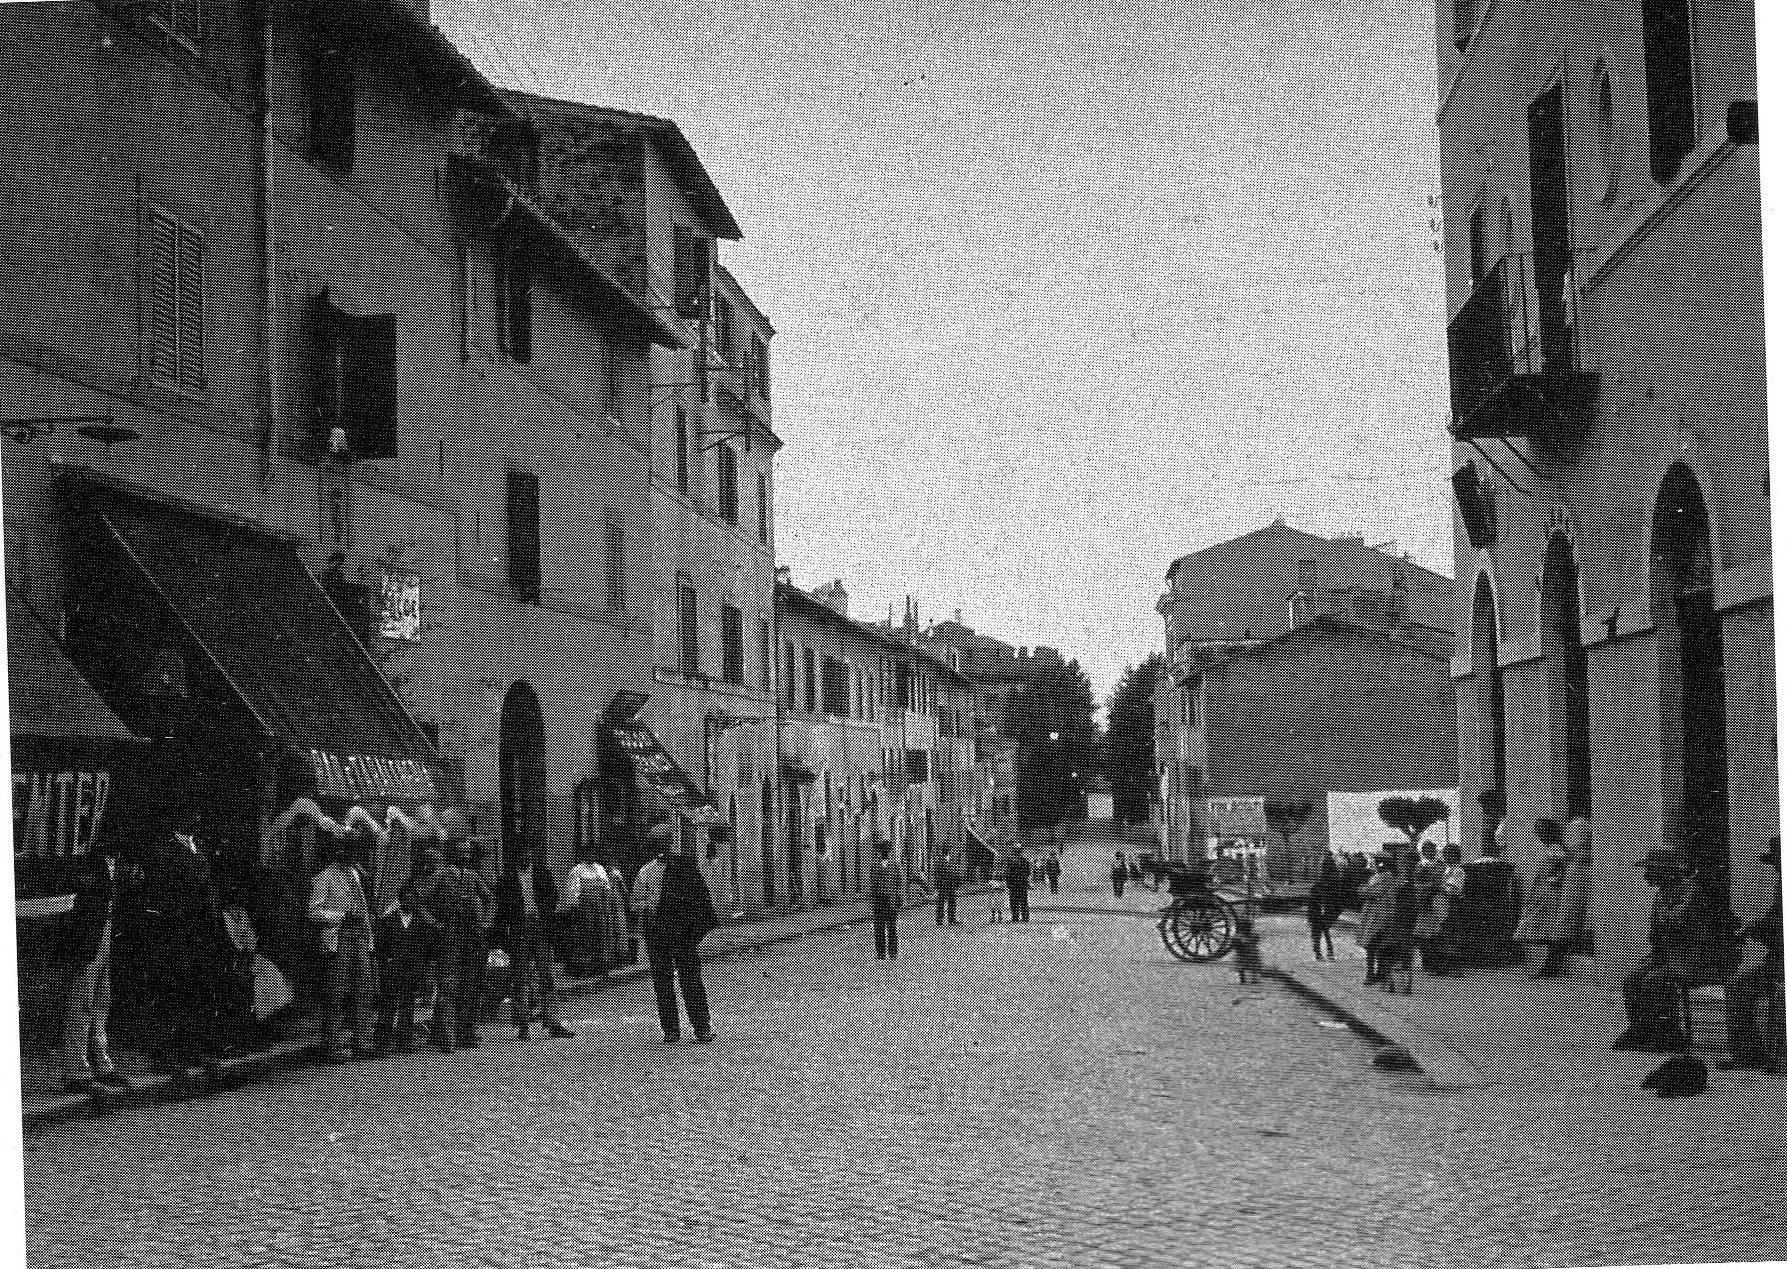 Piazza Santa Lucia Villa Santa Lucia